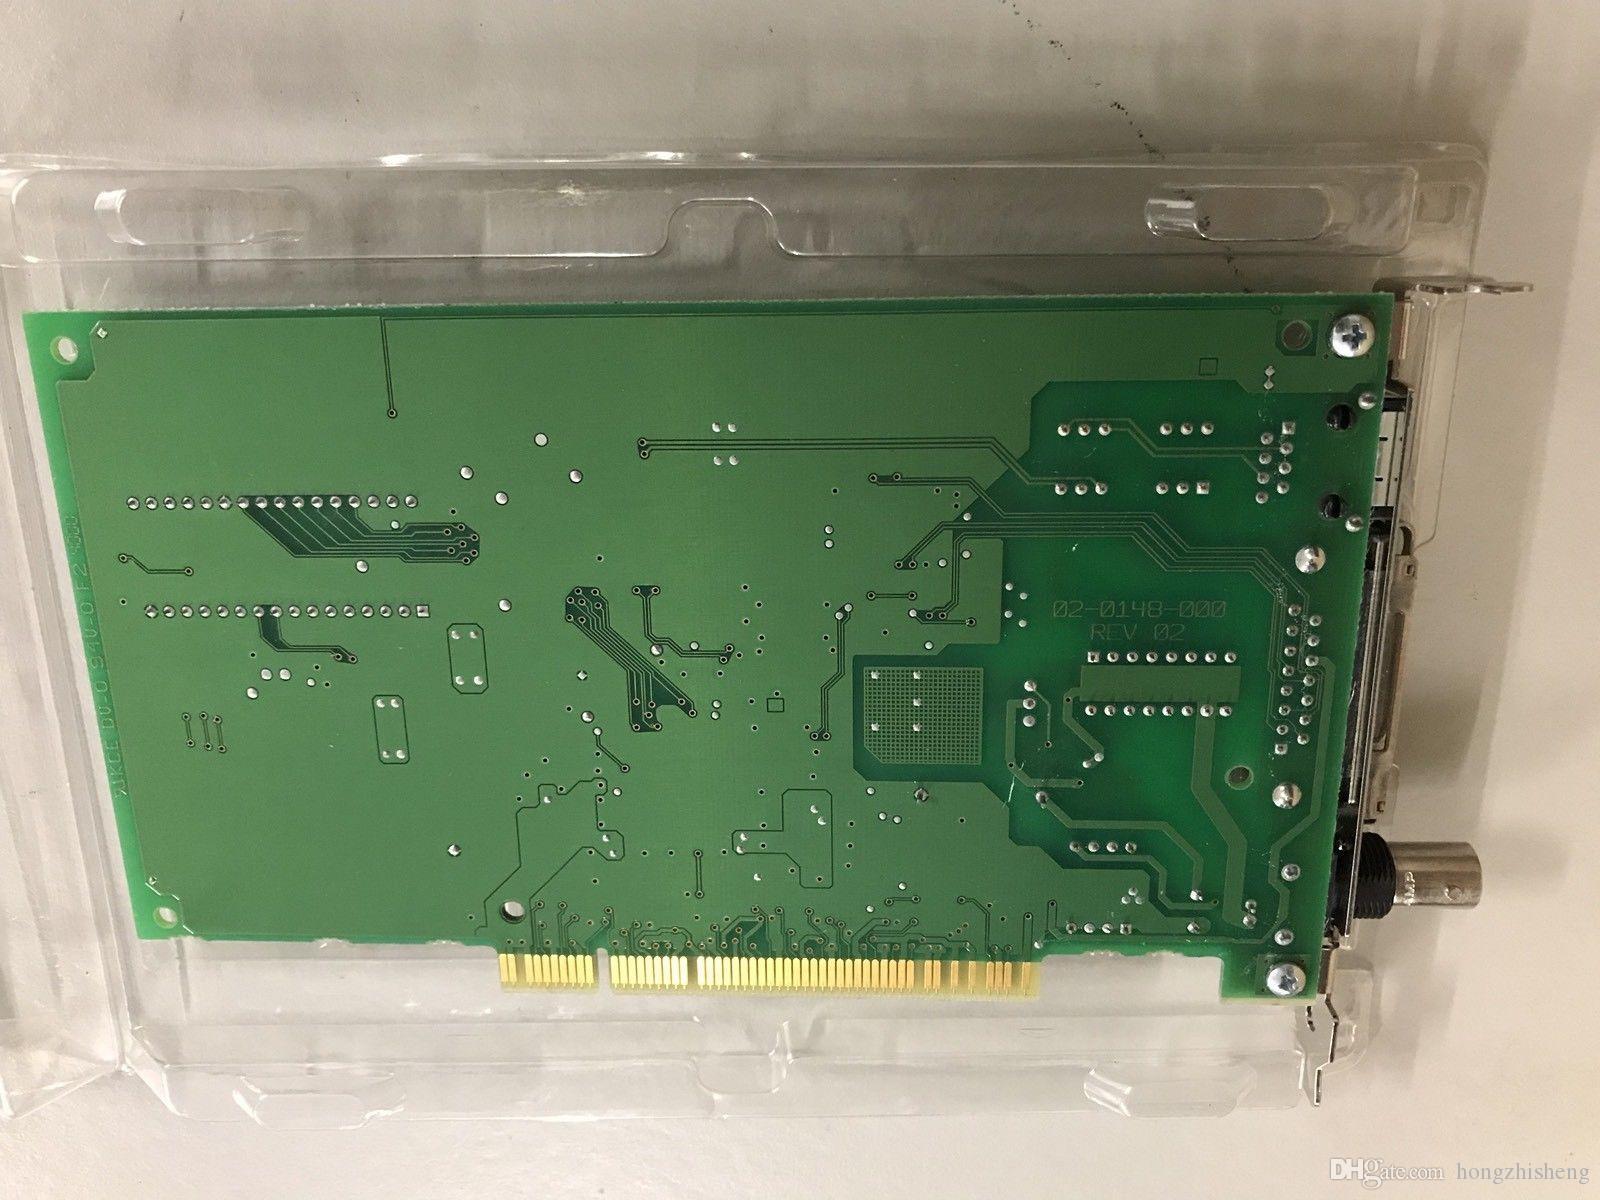 плата промышленного оборудования Сетевой адаптер PCI-интерфейс BNC AUI 3C900B-COMBO 03-0148-000 REV-A